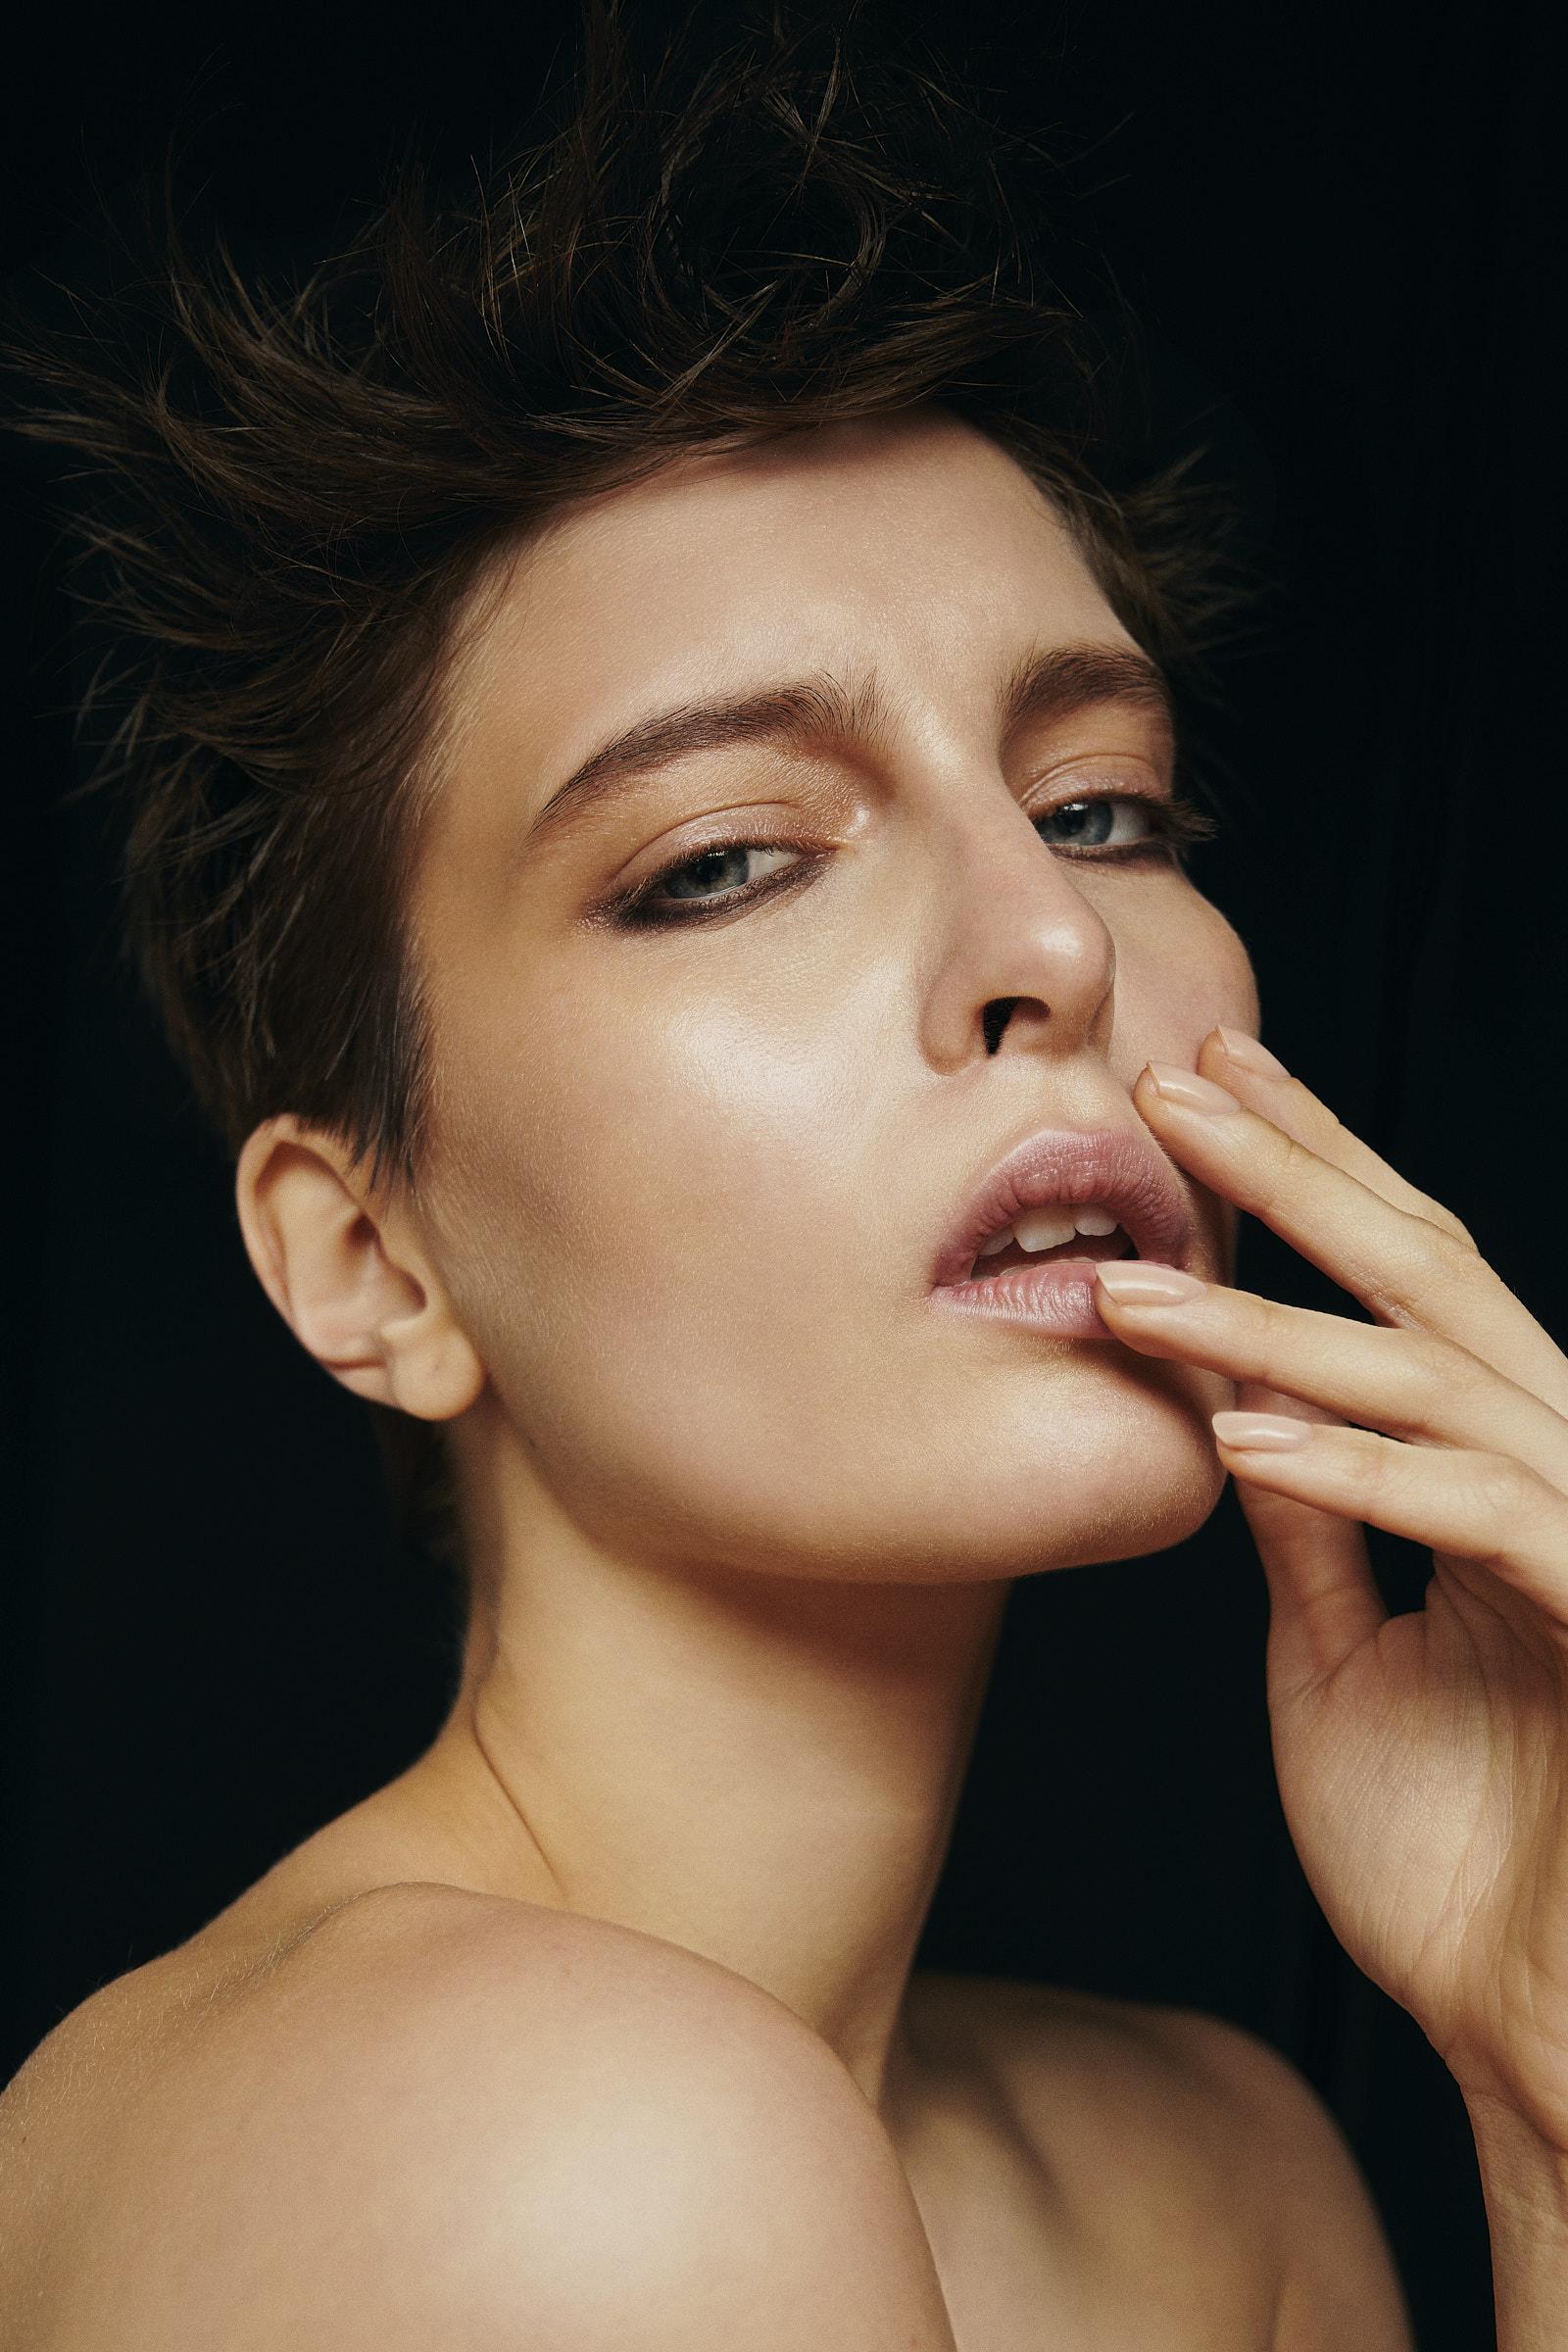 Model Jordan Swail shot by Noah Asanias